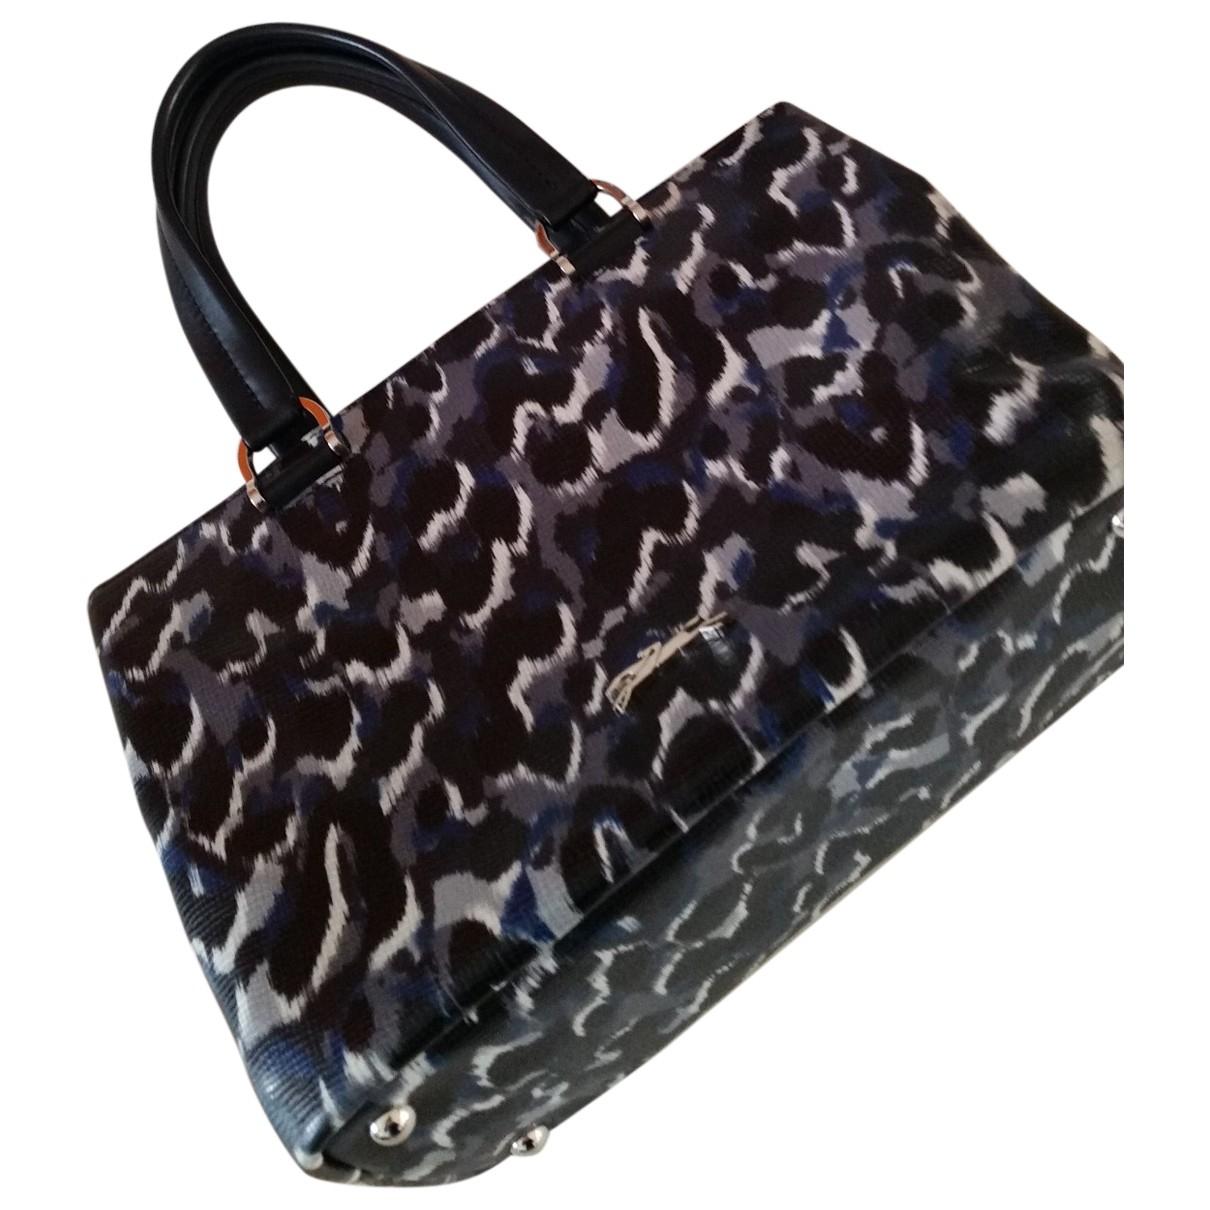 Longchamp - Sac a main   pour femme en cuir - gris